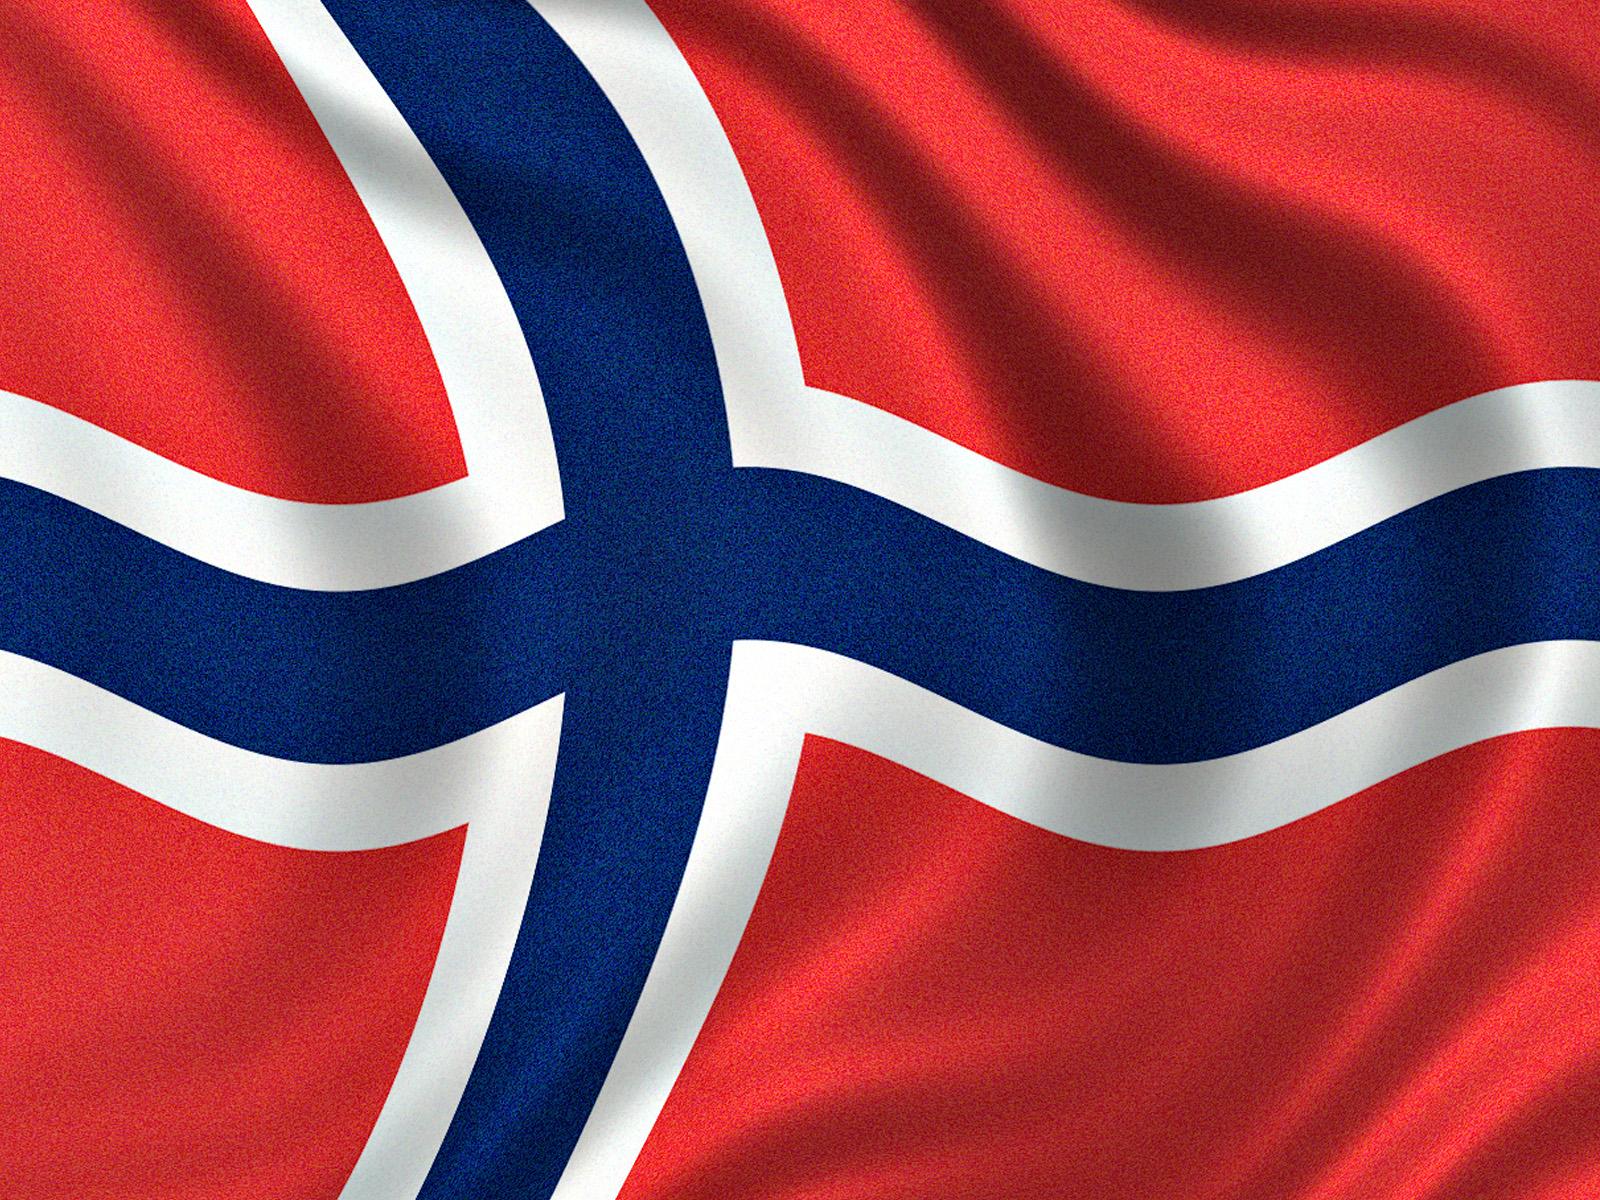 Canibalización del streaming en Noruega